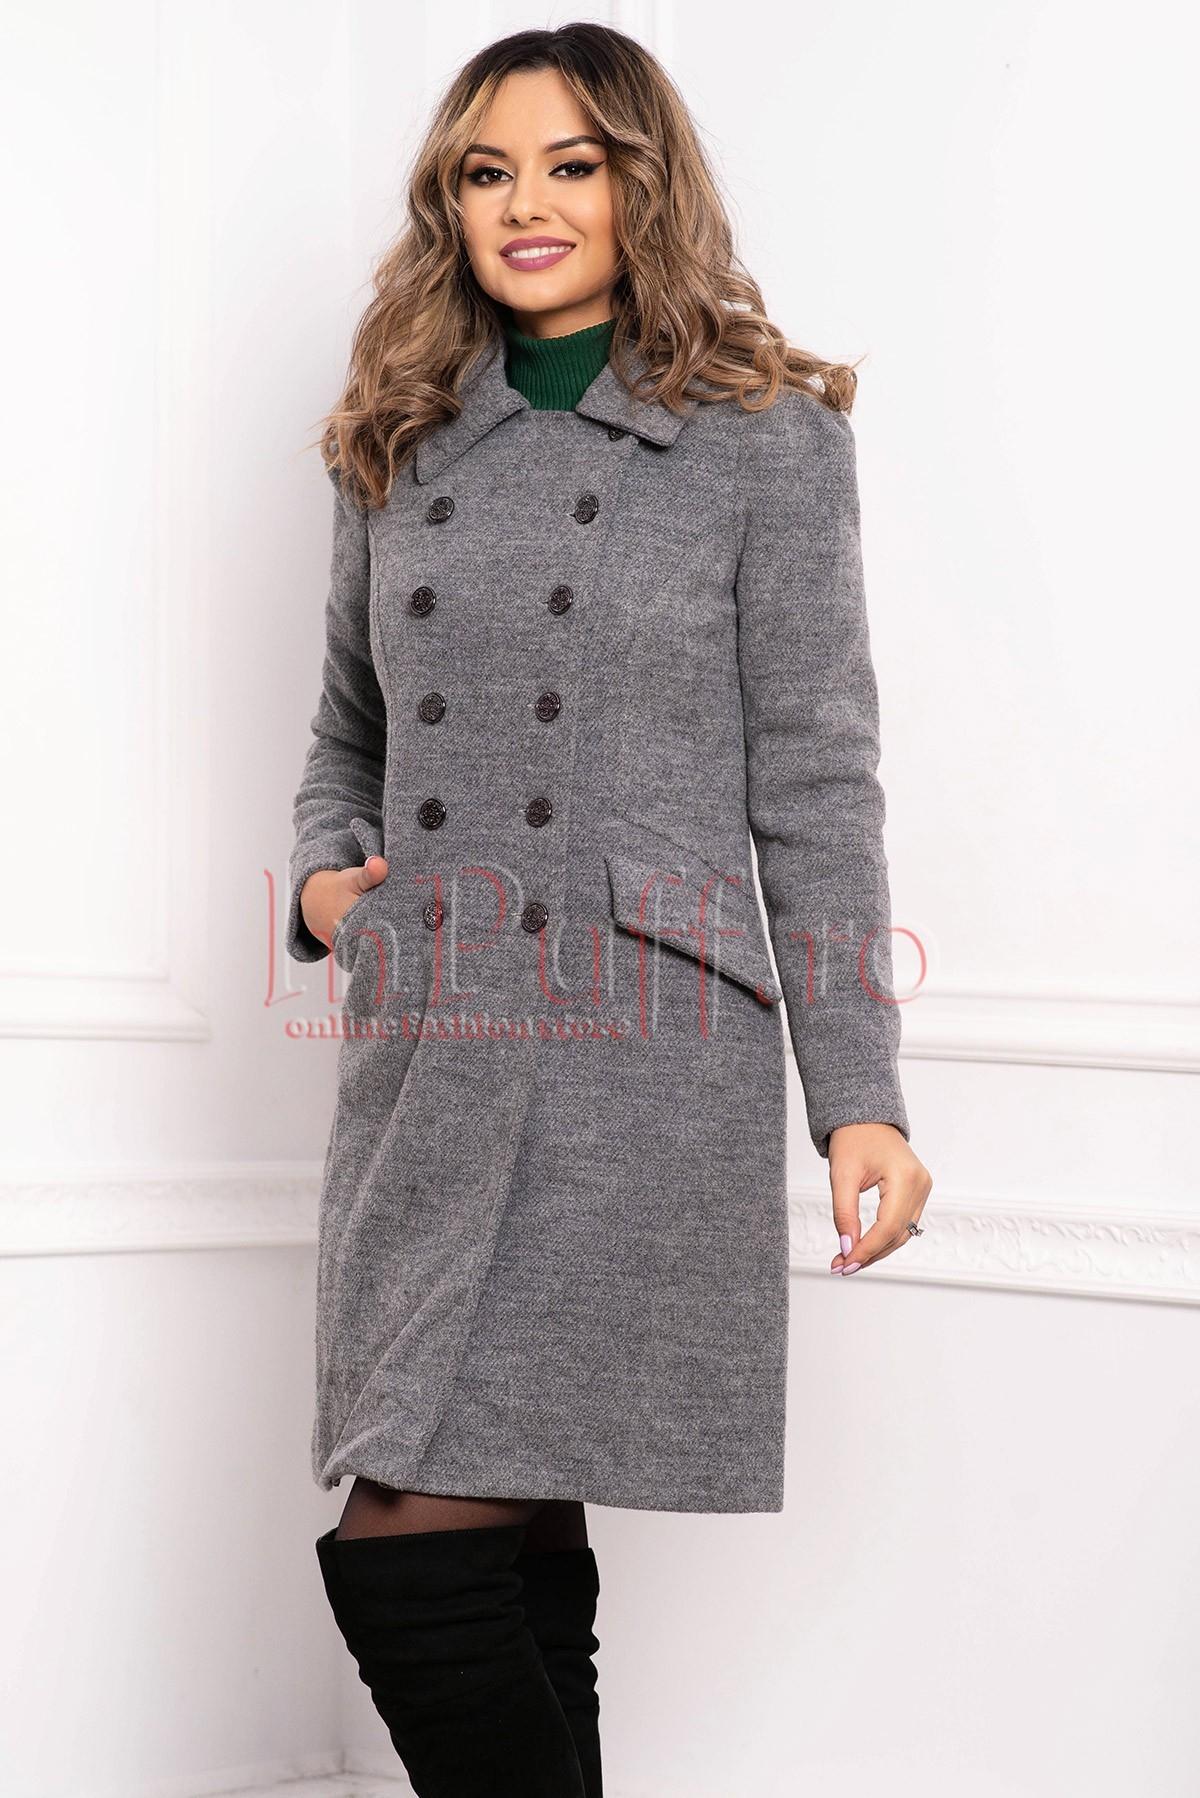 Palton dama MBG gri din lana raiata cu buzunare laterale cu clapa